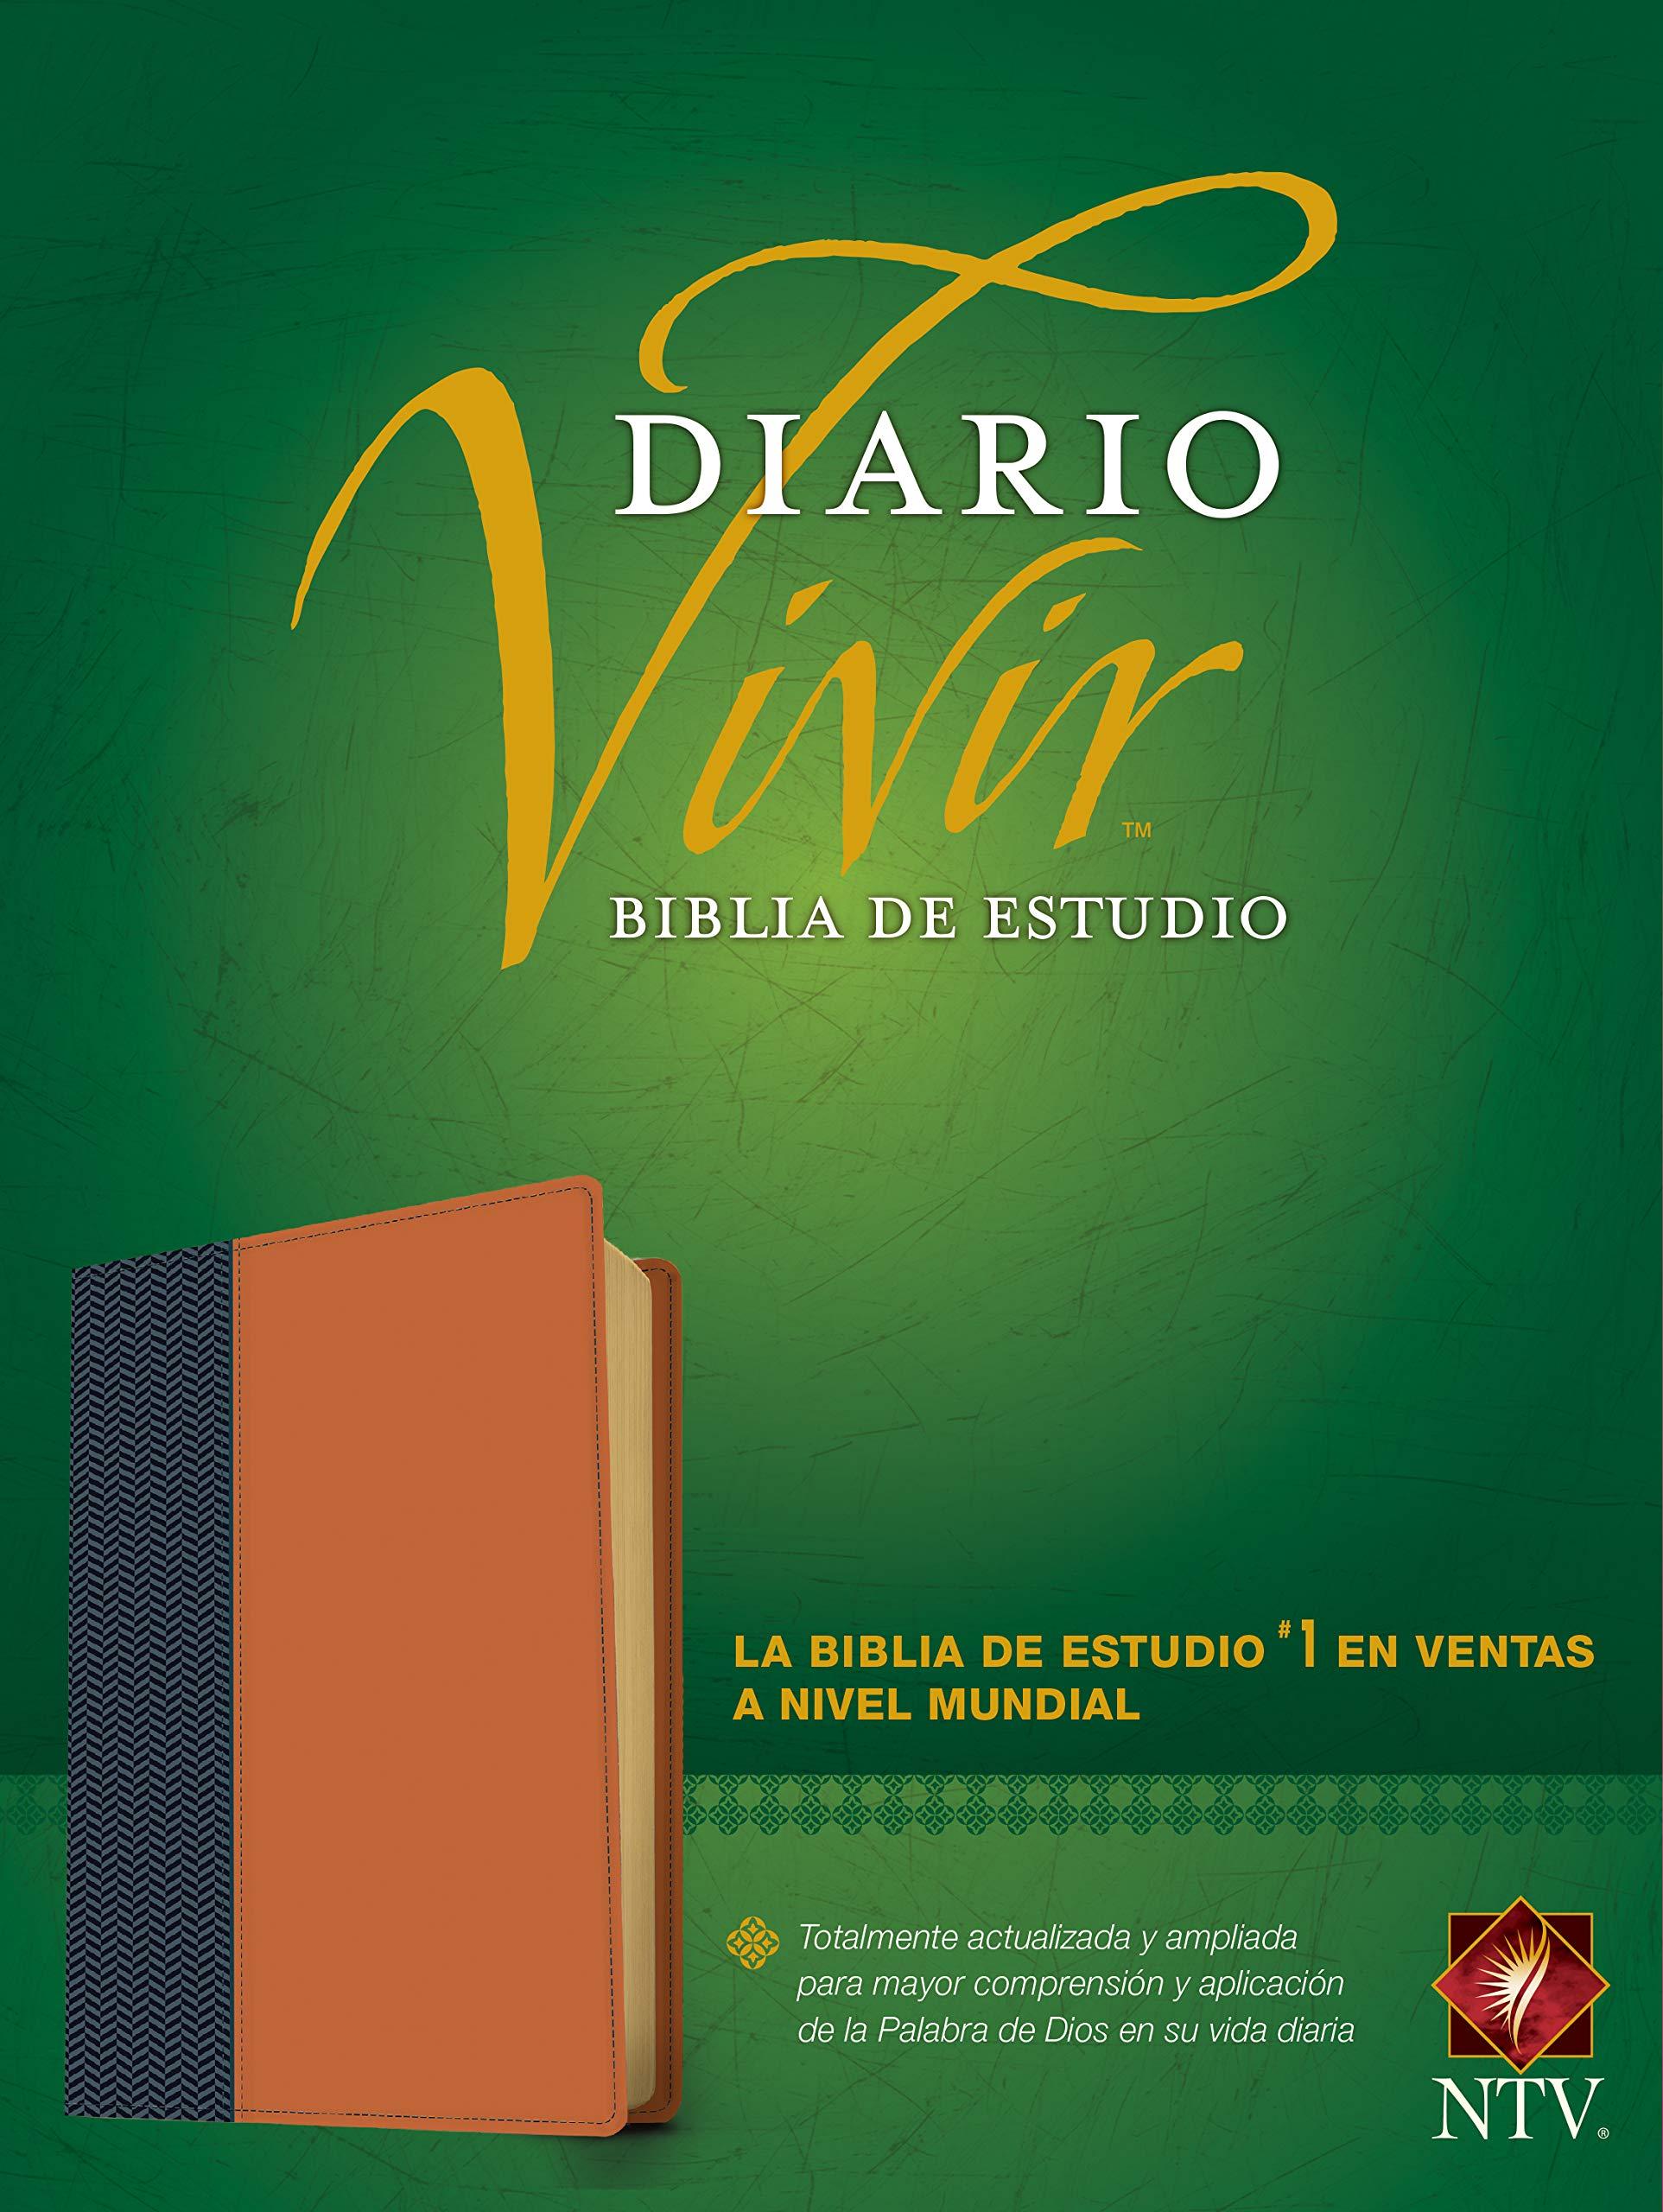 Biblia de estudio del diario vivir NTV (Letra Roja, SentiPiel, Azul/Caf� claro)>